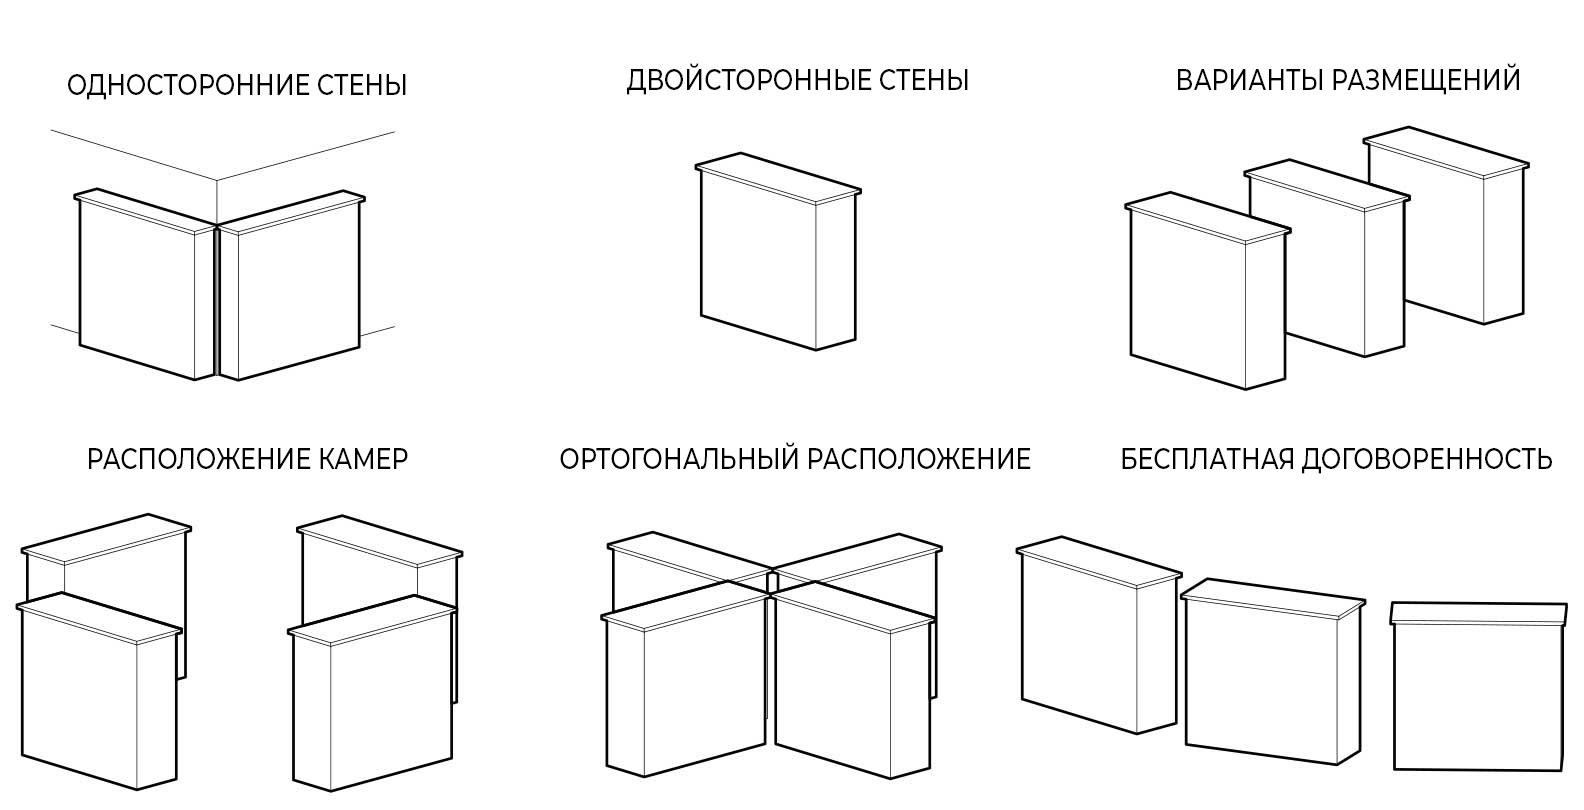 vyhody_3_ru